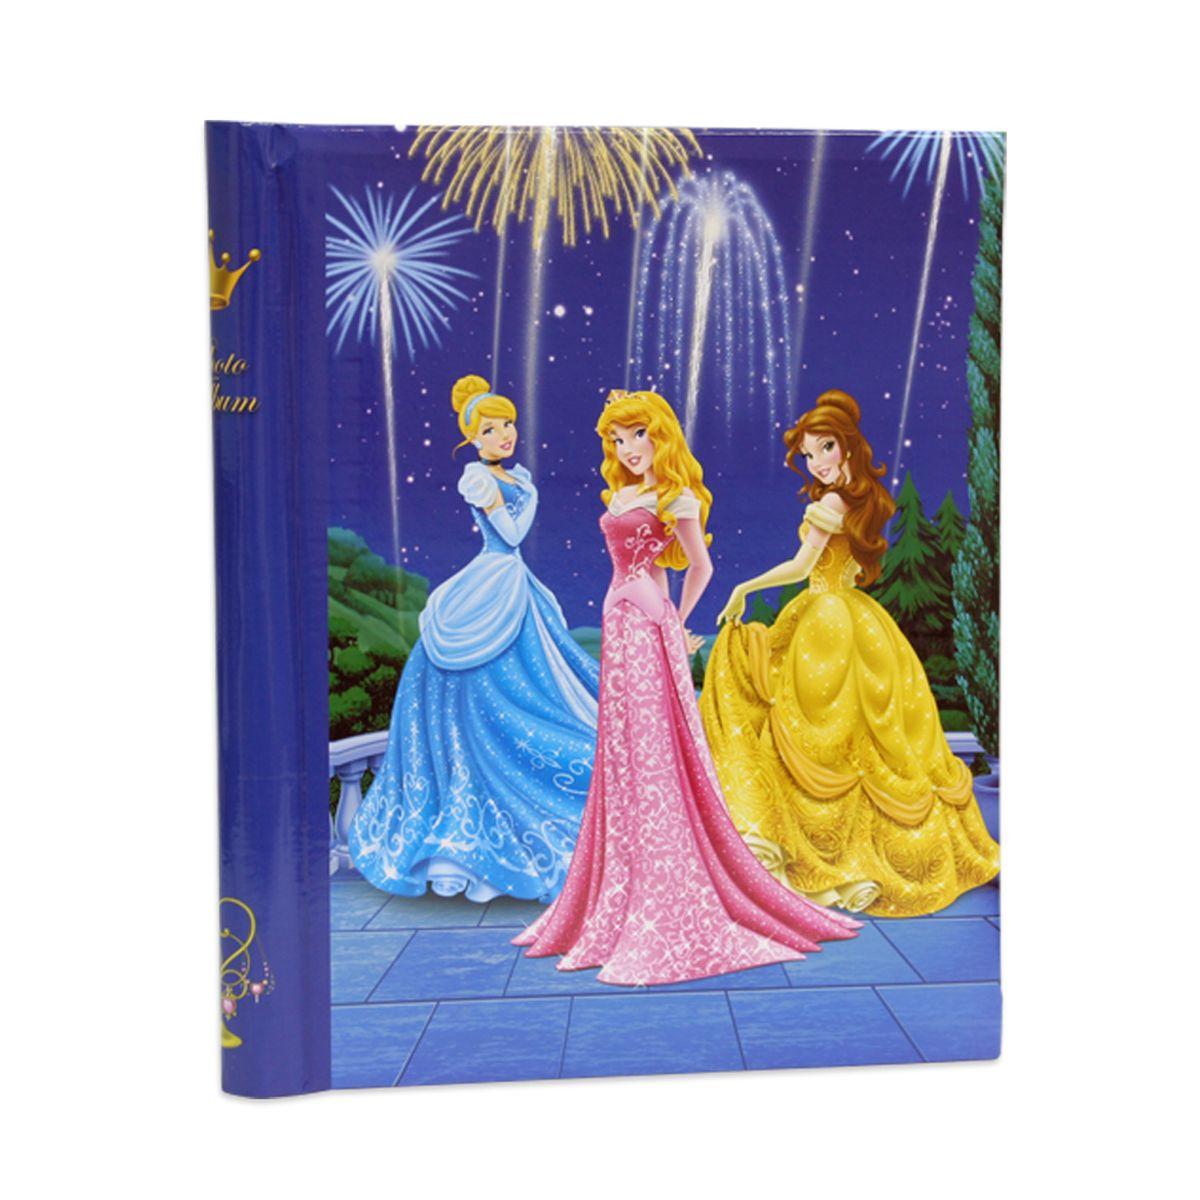 Фотоальбом Pioneer Princess, 20 магнитных листов, 23 х 28 см46560 LM-SA20Фотоальбом Pioneer Princess поможет красиво оформить ваши фотографии.Обложка, выполненная из толстого картона, оформлена красочным детским рисунком. Альбом с магнитными листами удобен тем, что он позволяет размещать фотографии разных размеров. Тип скрепления - спираль.Магнитные страницы обладают следующими преимуществами: - Не нужно прикладывать усилий для закрепления фотографий; - Не нужно заботиться о размерах фотографий, так как вы можете вставить вальбом фотографии разных размеров; - Защита фотографий от постоянных прикосновений зрителей с помощью пленки ПВХ.Нам всегда так приятно вспоминать о самых счастливых моментах жизни, запечатленных нафотографиях. Поэтому фотоальбом являетсяуниверсальным подарком к любому празднику.Количество листов: 20 шт.Размер листа: 23 х 28 см.